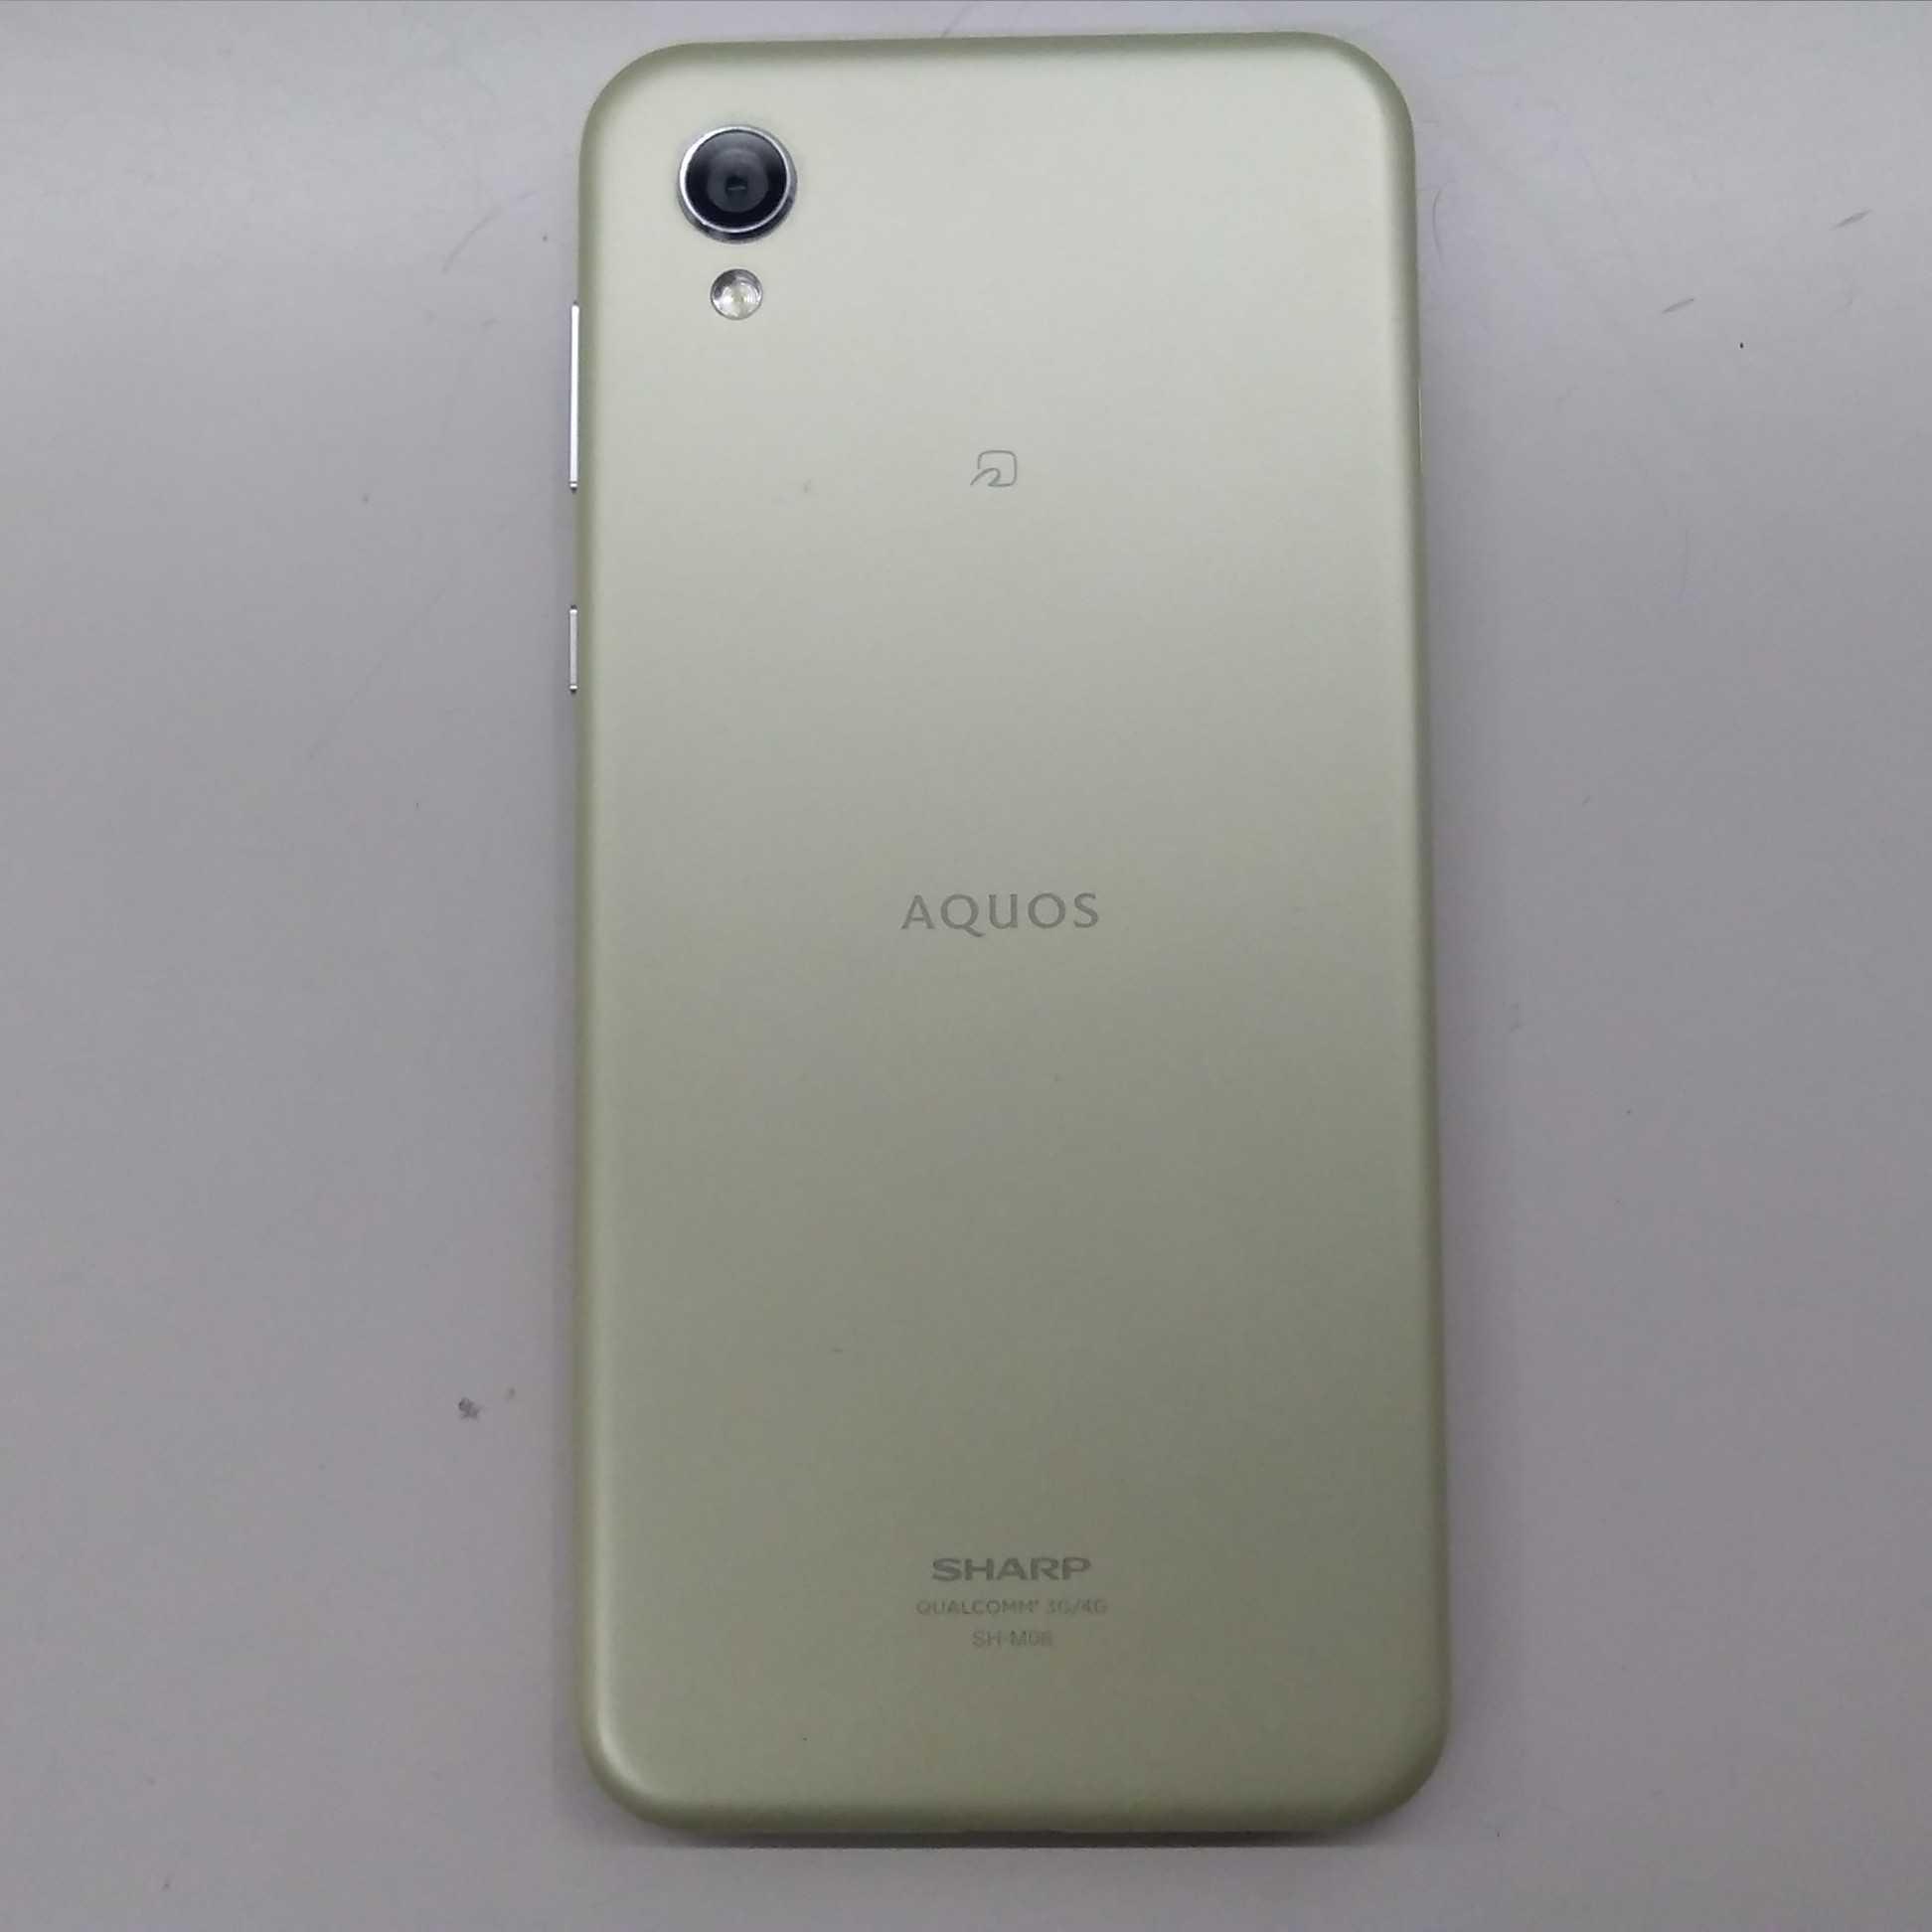 スマートフォン SIMフリー AQUOS sense2|SHARP